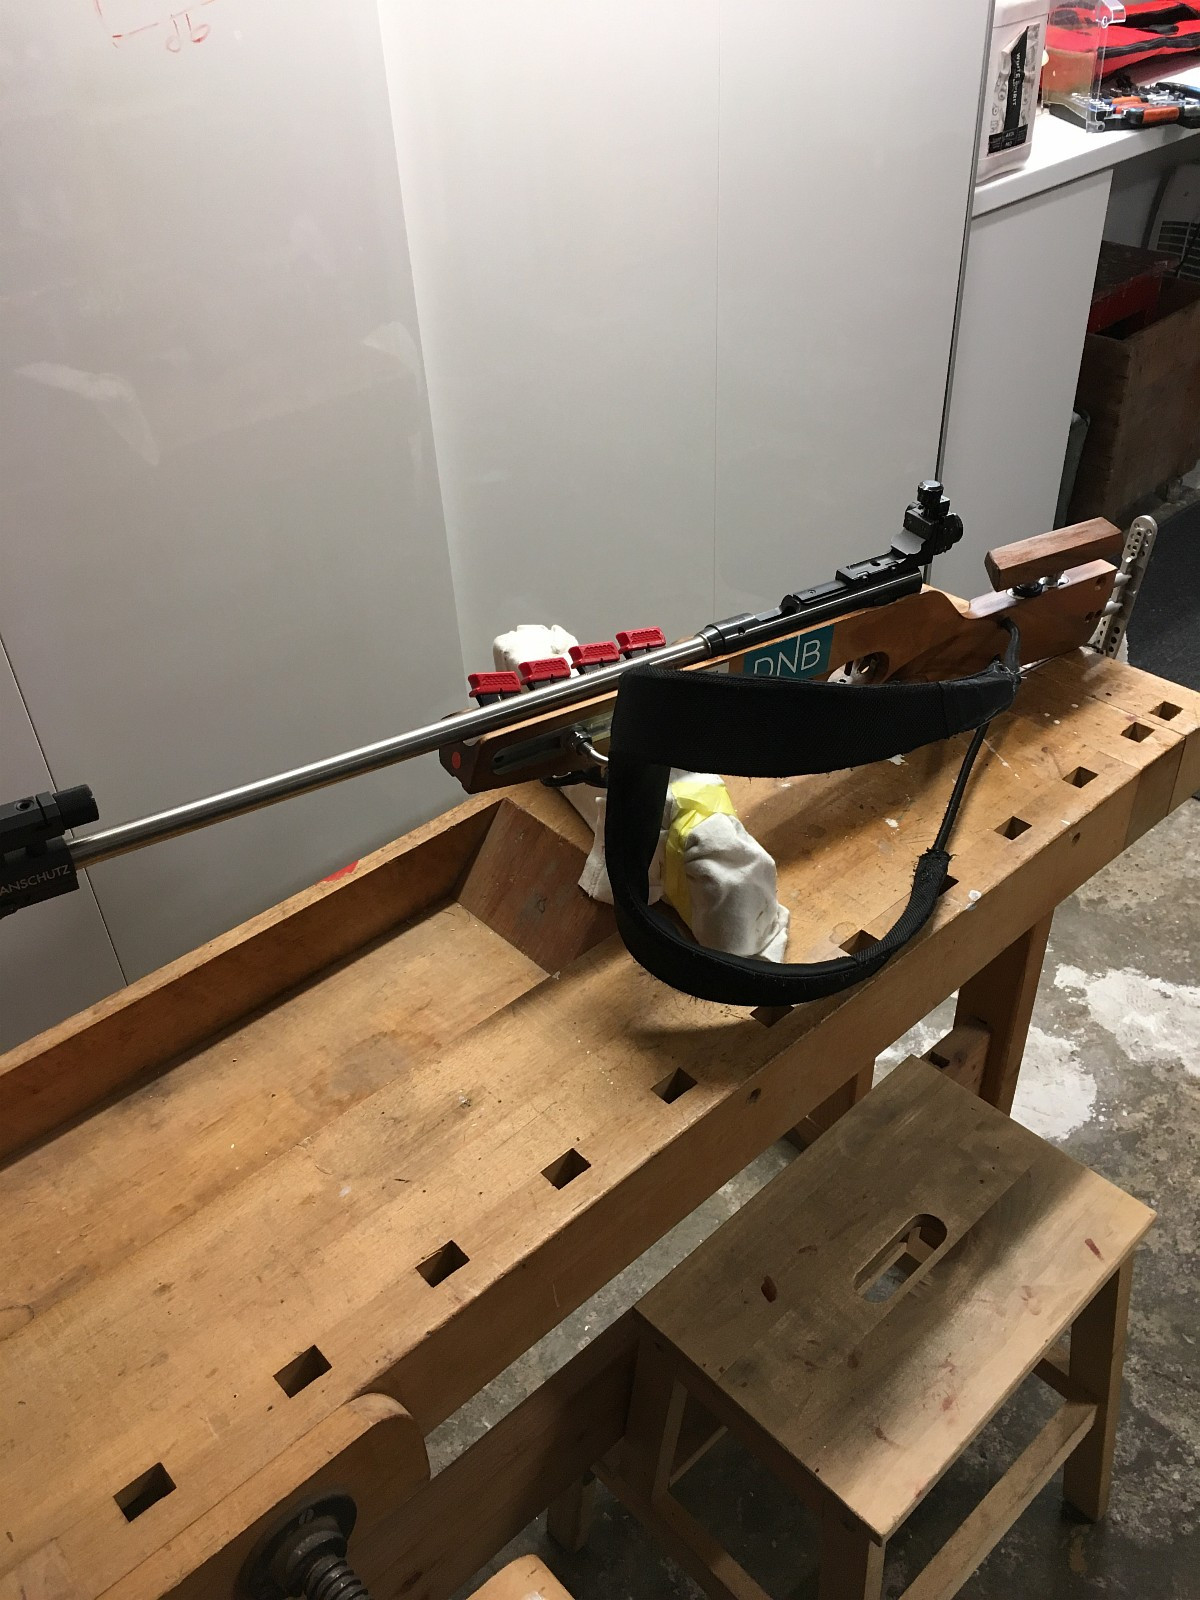 Anschütz Fortner skiskyttergevær - Oslo  - Pent brukt gevær selges med  - 4 kort og tre langer magasin - bæresele - tre armreimer - futteral. - Oslo